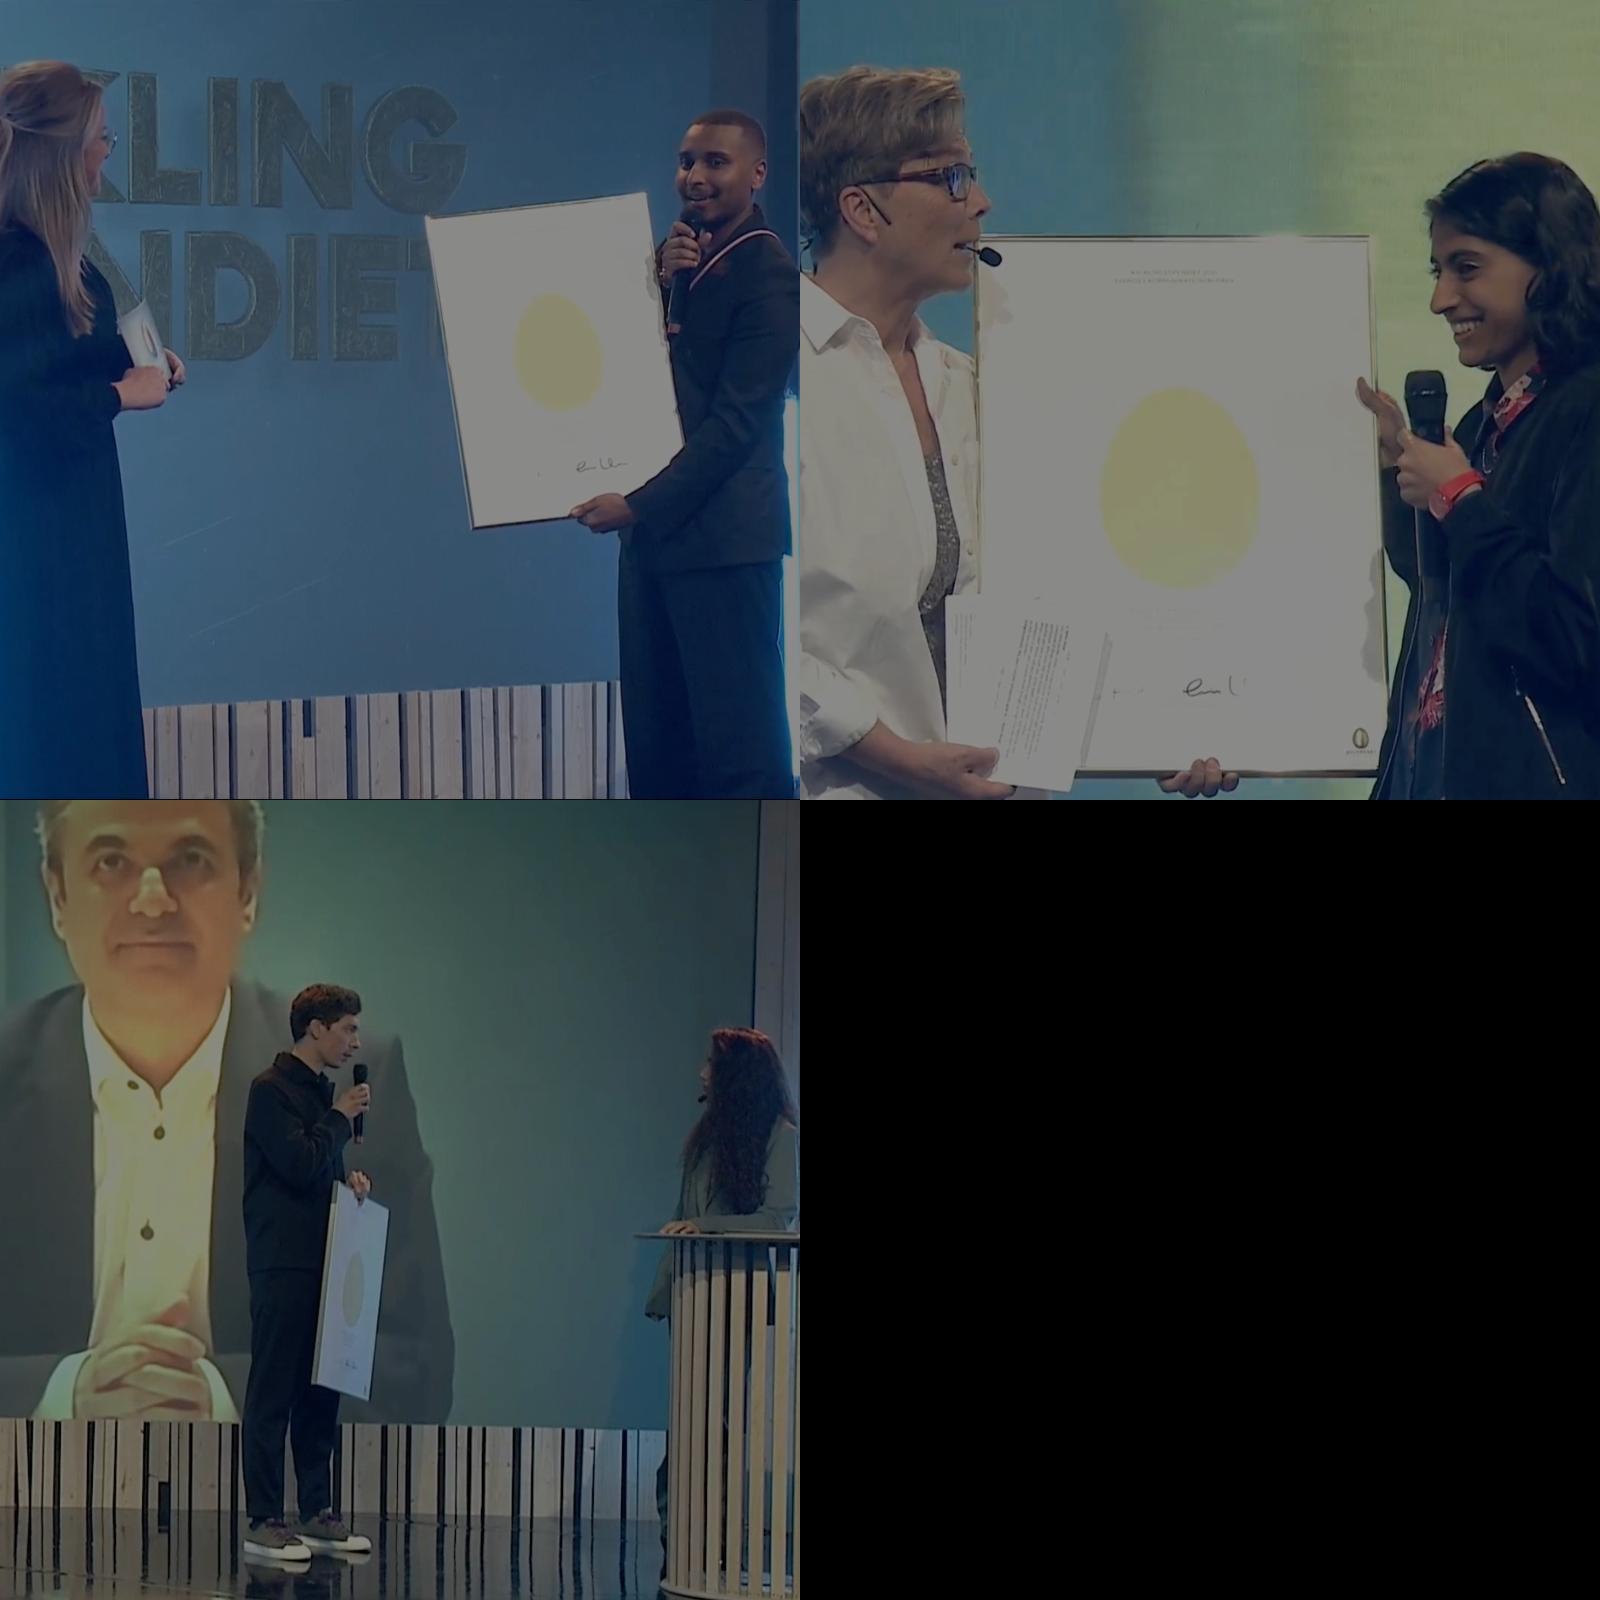 Det märktes att Komm ansträngt sig för att skapa närhet i den digitala Guldäggsgalan 2021. Bland annat fick Kycklingstipendiaterna ta emot stipendiet i studion – Haisam Mohammed (t.h.) tar emot Kycklingstipendiet av Linda Nilsson, vd på Komm; styrelseordförande på Komm, Helena Westin överlämnar stipendiet till Neha Hirve och Hampus Elfström uppmärksammades av näringsminister Ibrahim Baylan. Bild: Skärmdump från livesändningen av galan.